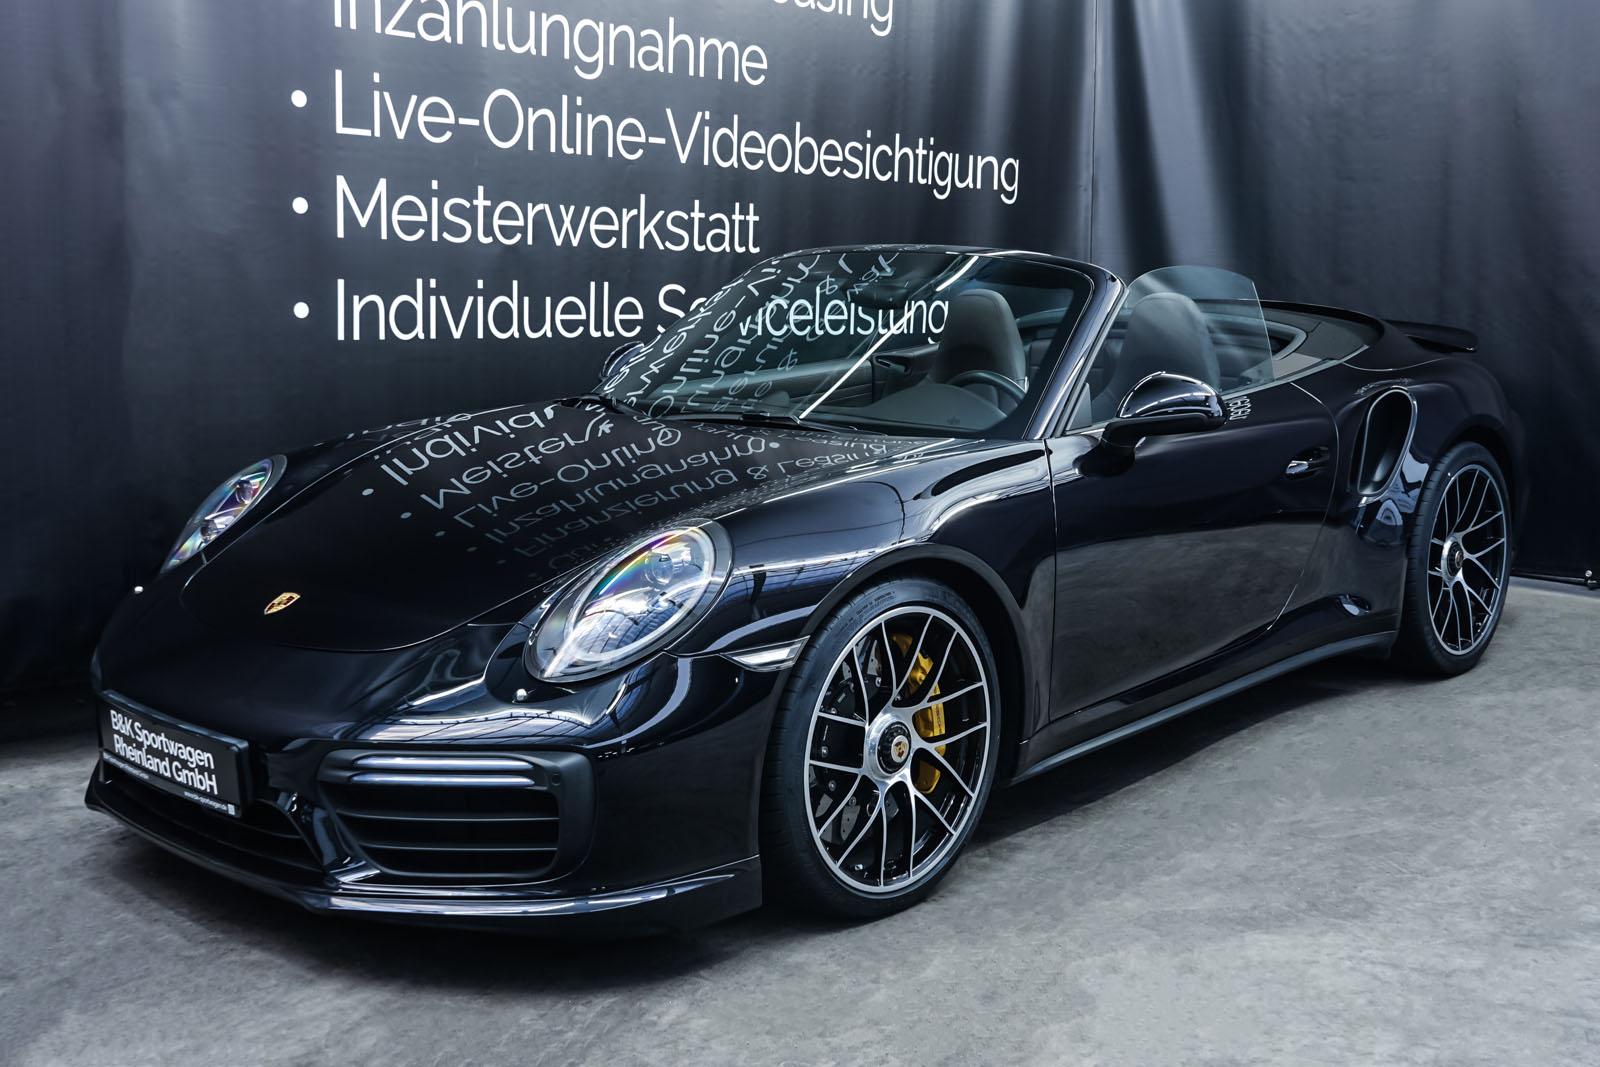 Porsche_991_TurboS_Cabrio_Schwarz_Braun_POR-9733_7_w